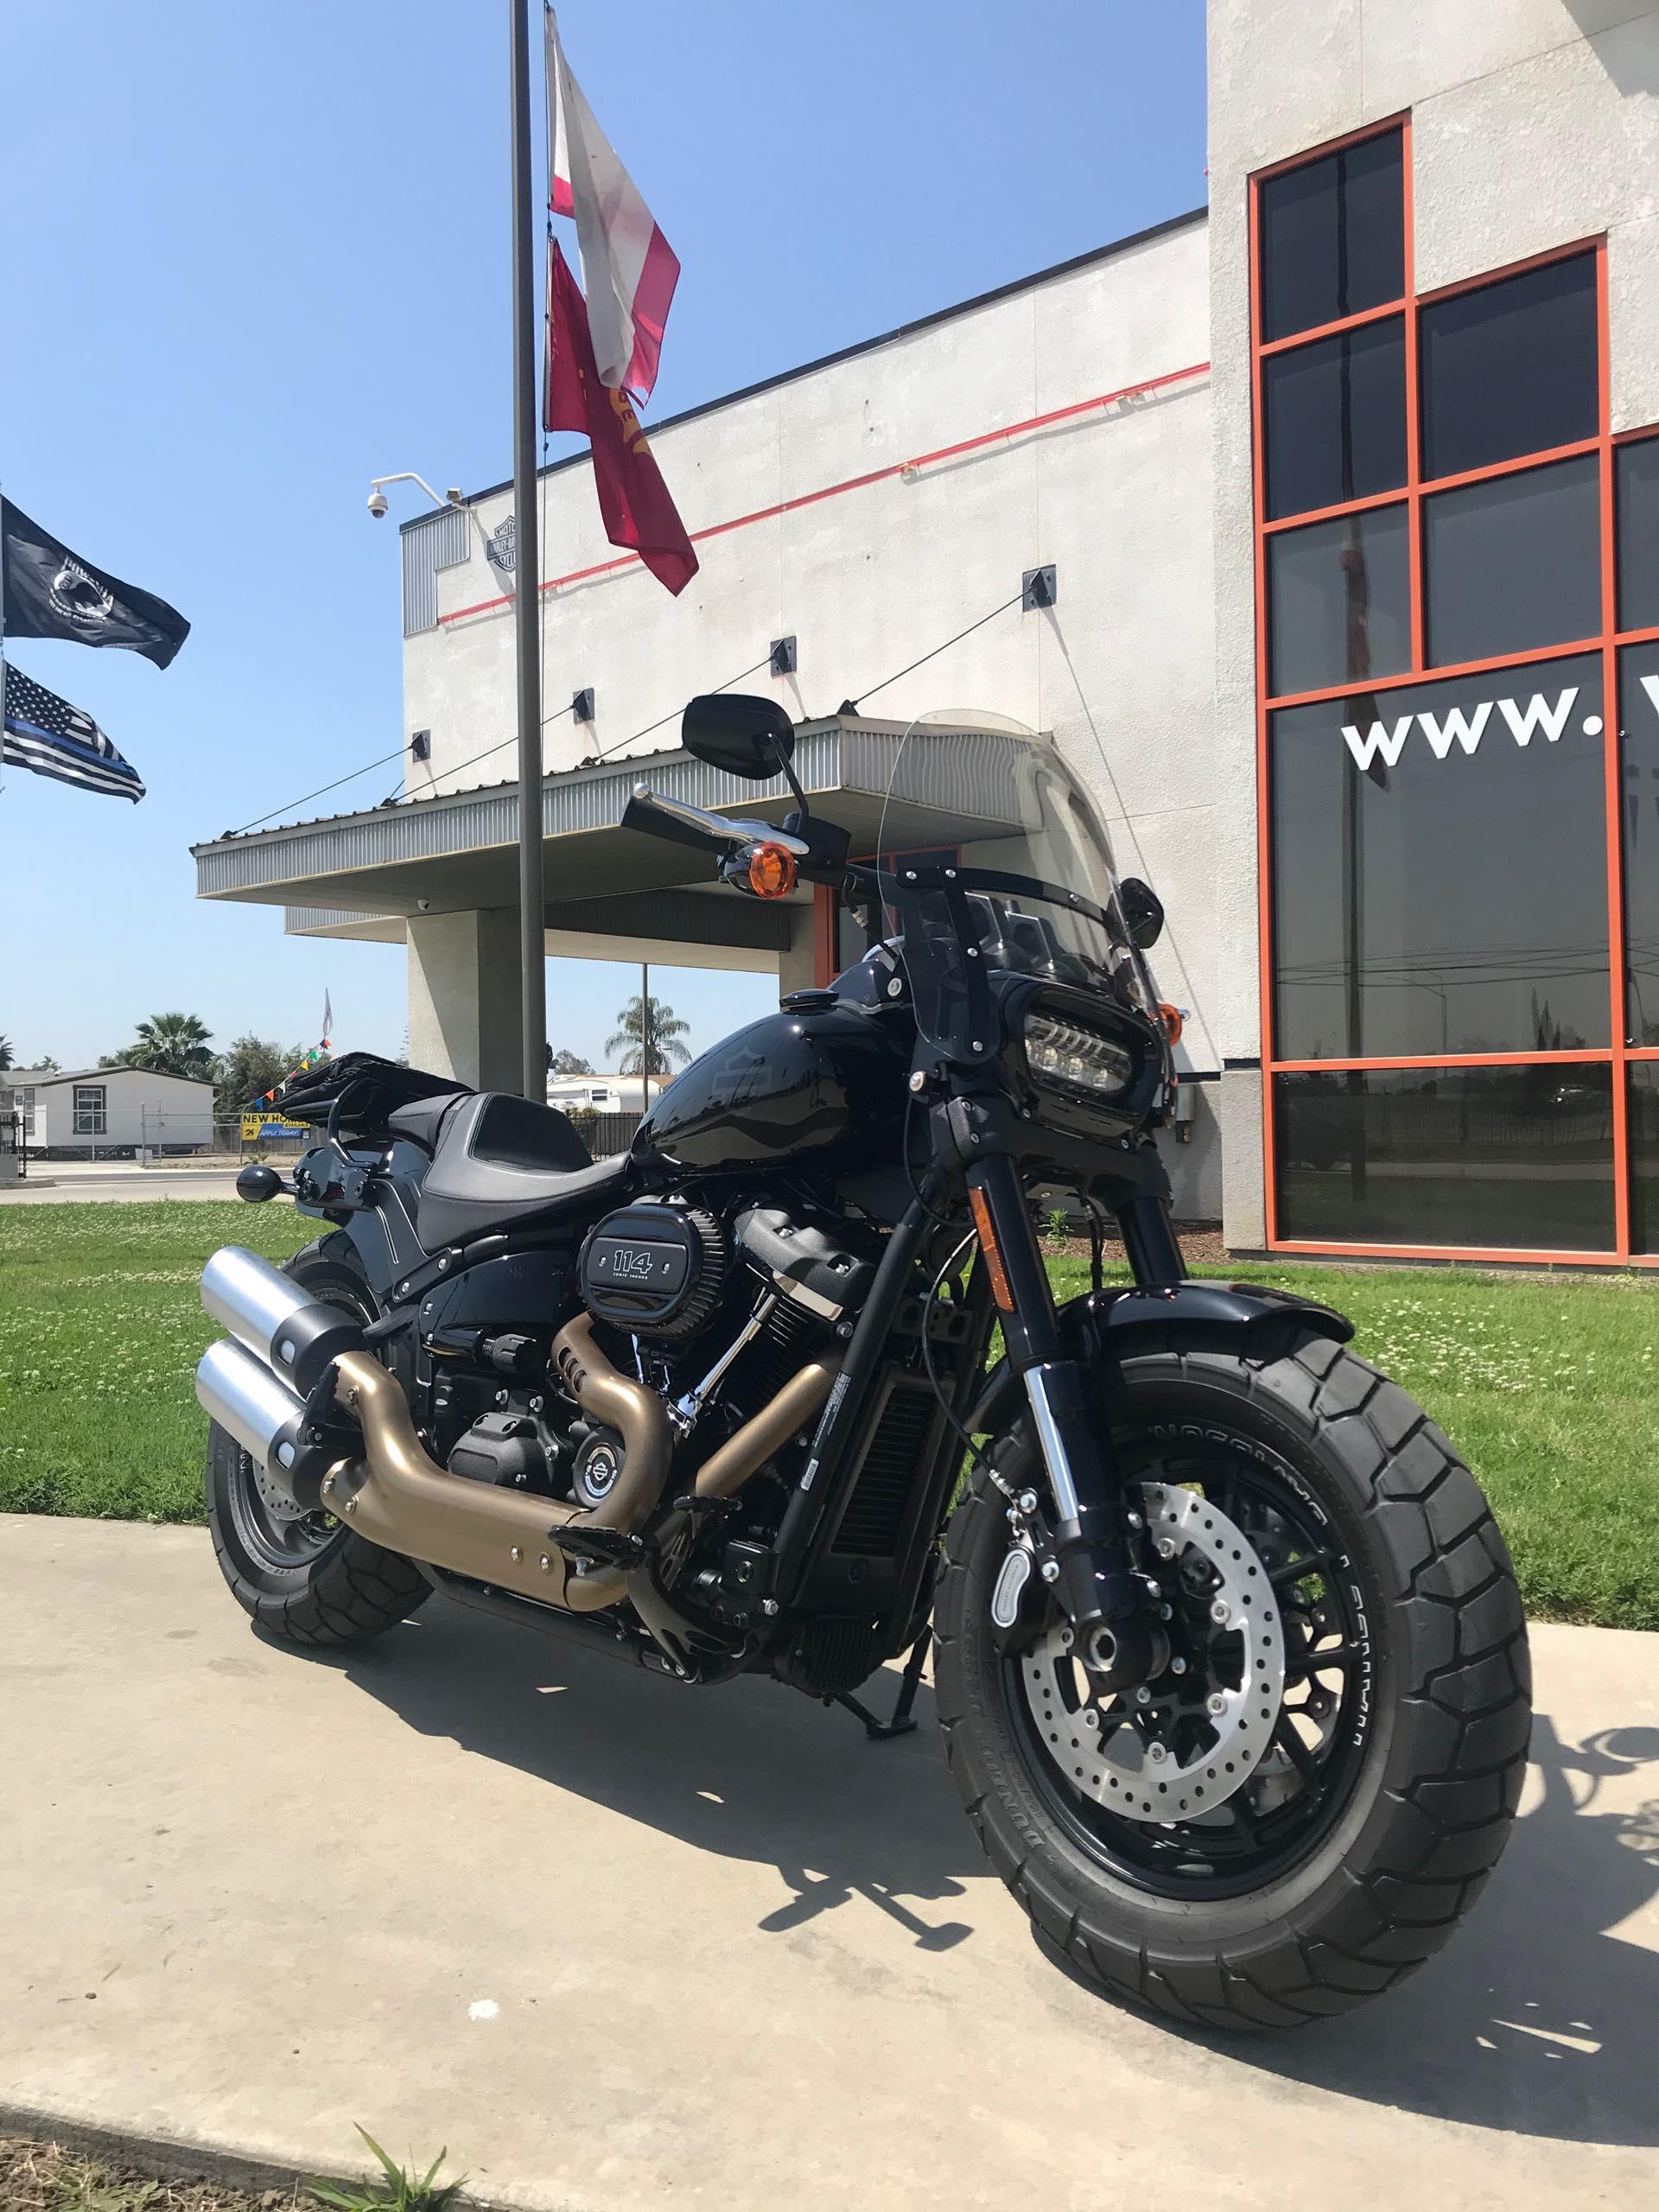 2019 Harley-Davidson Softail Fat Bob 114 at Visalia Harley-Davidson